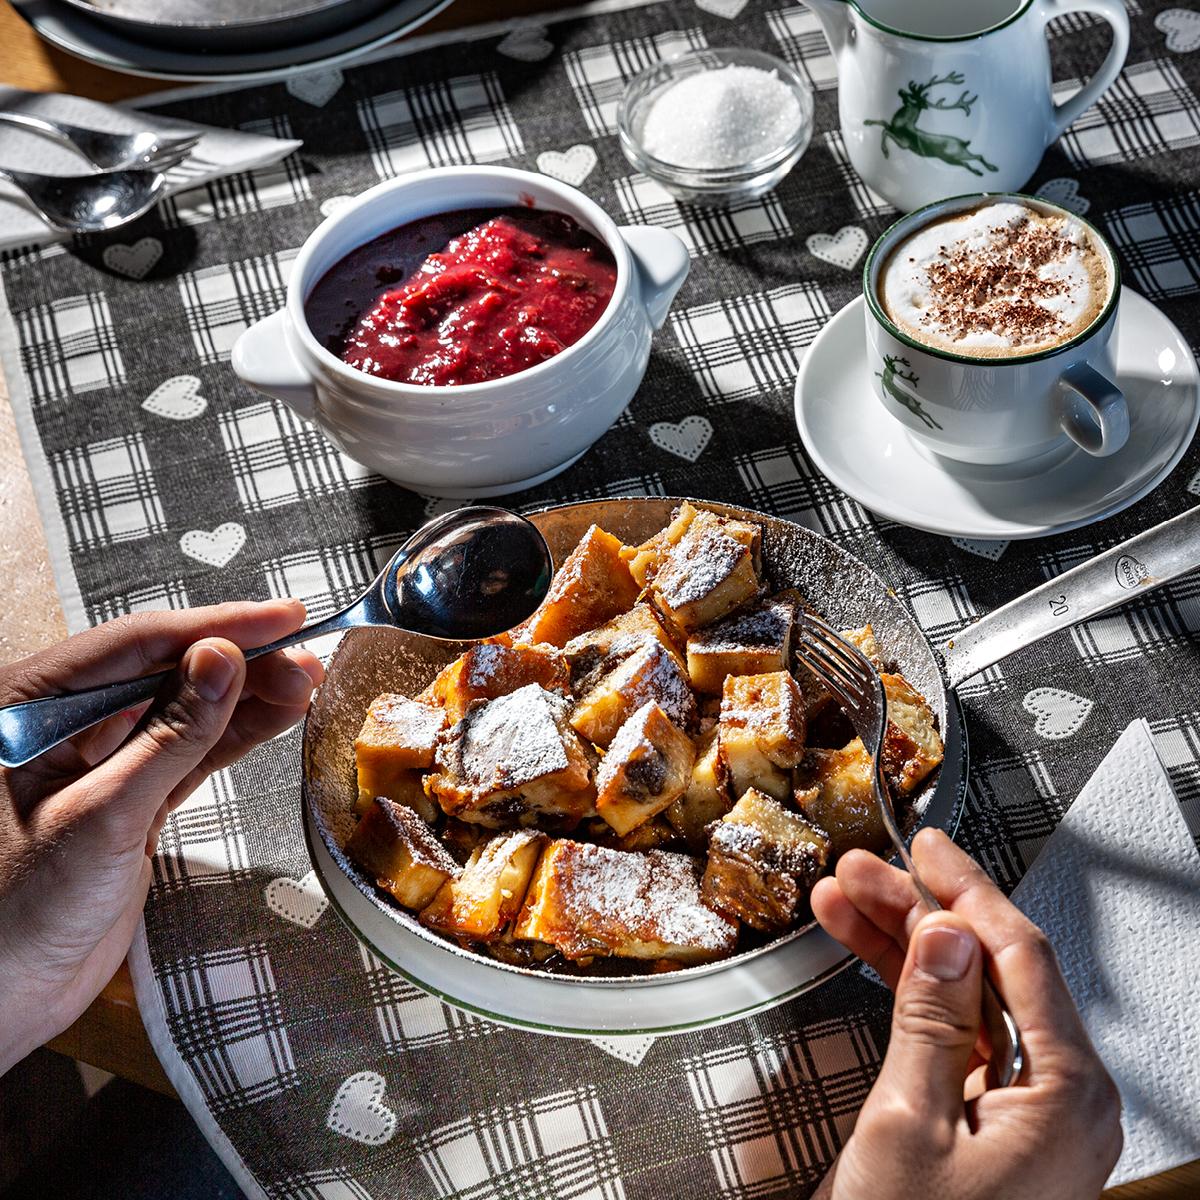 Das Bild zeigt eine Süßspeise auf kariertem Tischtuch.